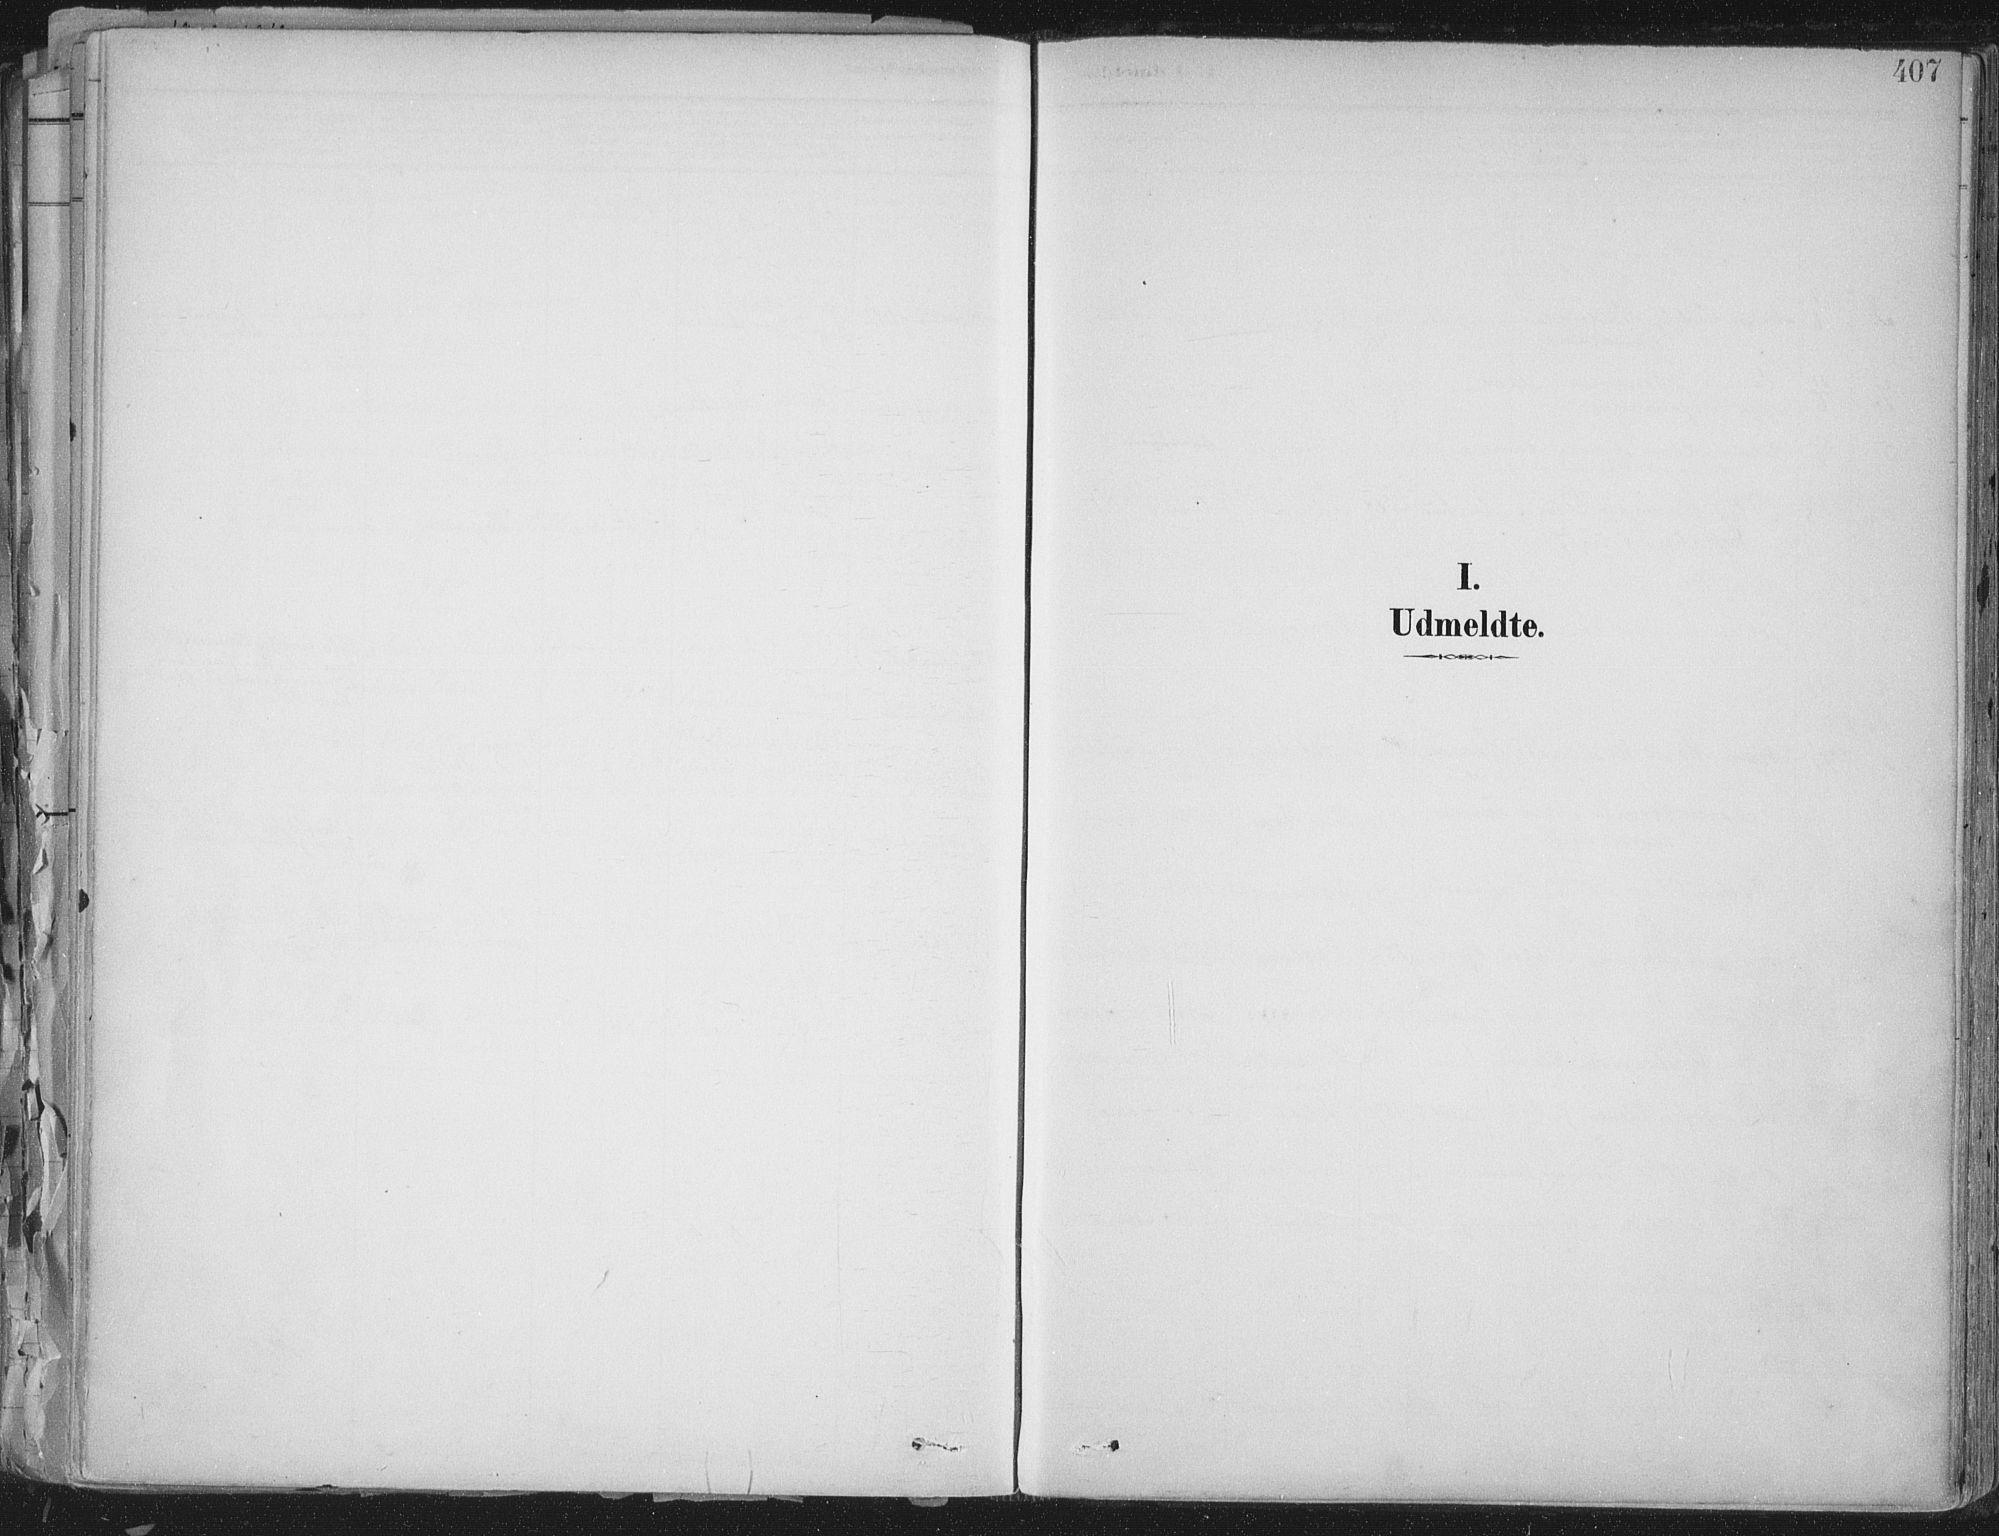 SAT, Ministerialprotokoller, klokkerbøker og fødselsregistre - Sør-Trøndelag, 603/L0167: Ministerialbok nr. 603A06, 1896-1932, s. 407